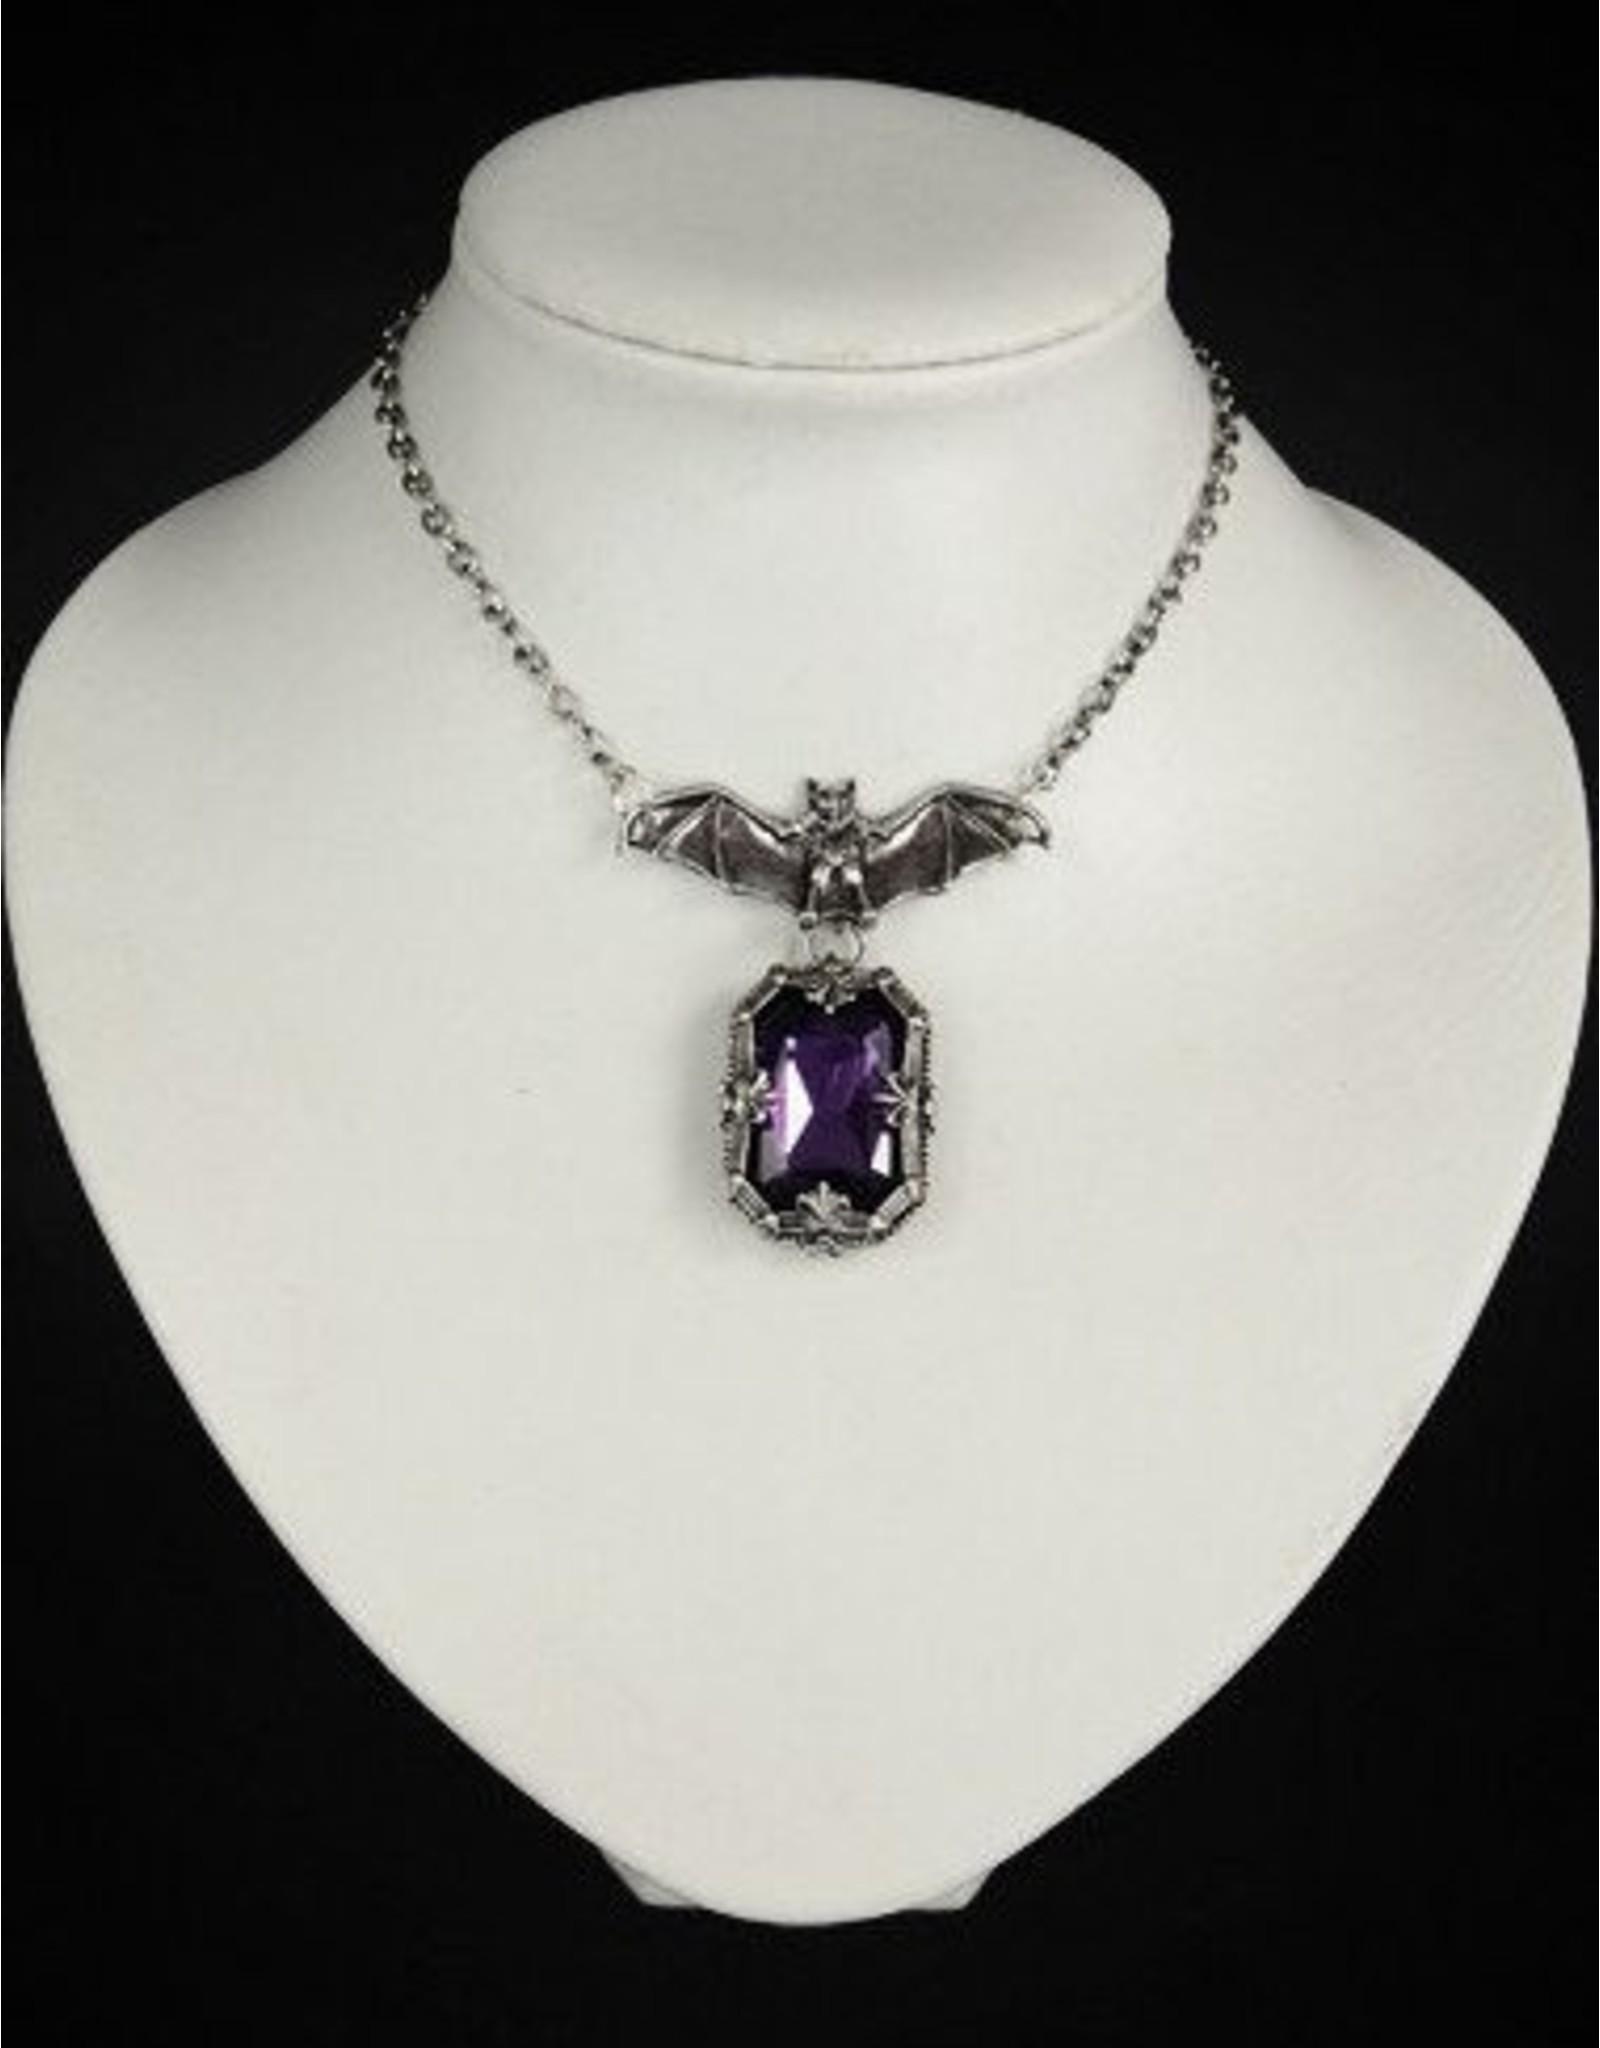 Restyle Gothic sieraden Steampunk sieraden - Hanger Vleermuis met paarse steen Night Whisper - Restyle